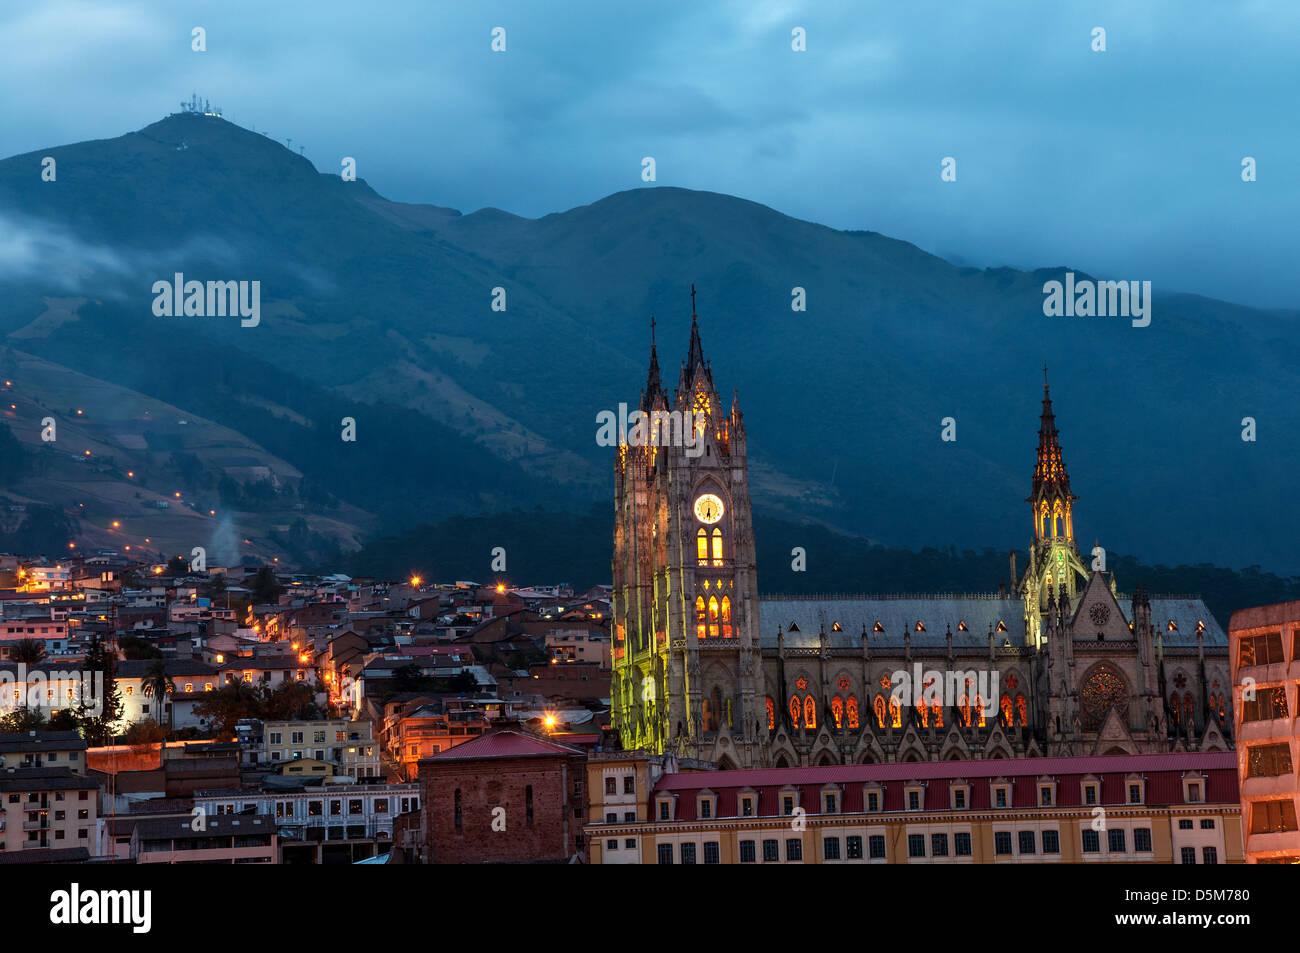 Nuit vue sur la basilique et de la vieille ville de Quito, Equateur Photo Stock